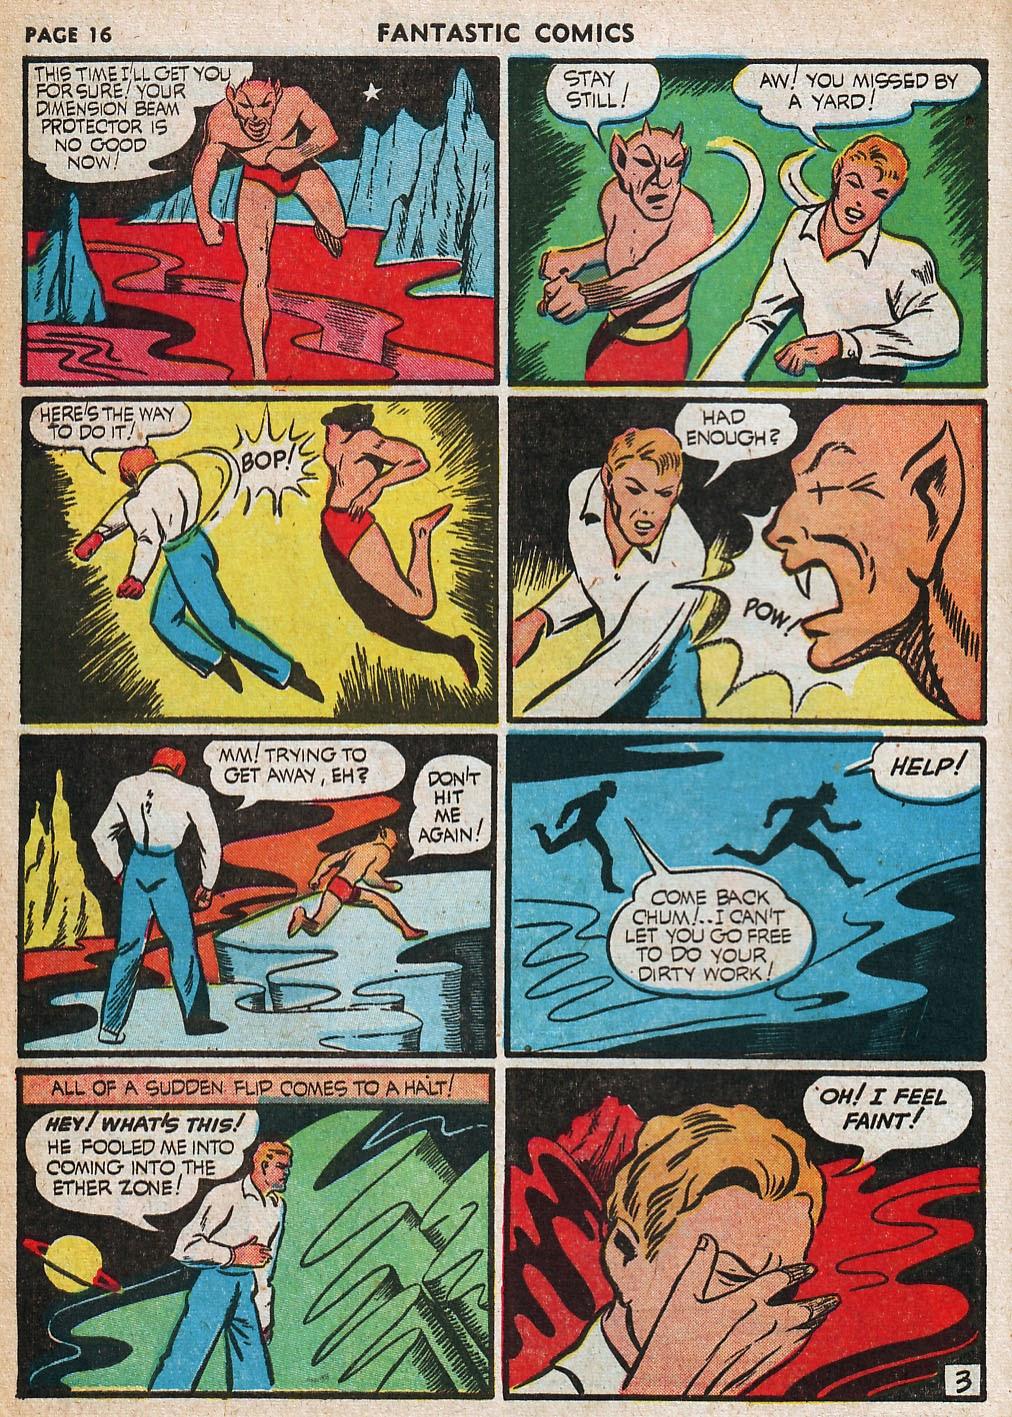 Read online Fantastic Comics comic -  Issue #20 - 17